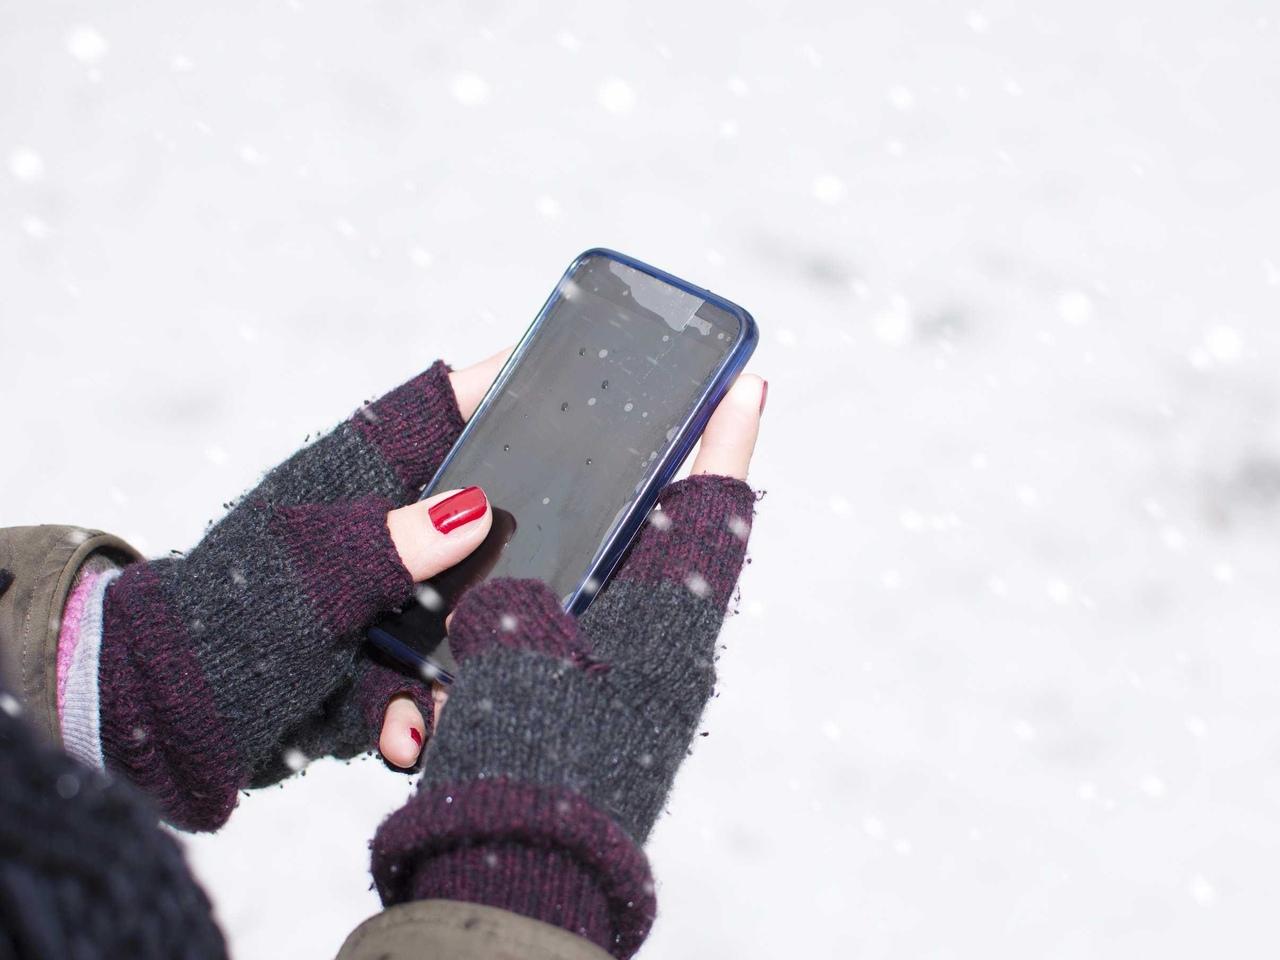 лучше всех зимние чехлы для айфона фото от холода нашёл видео первых